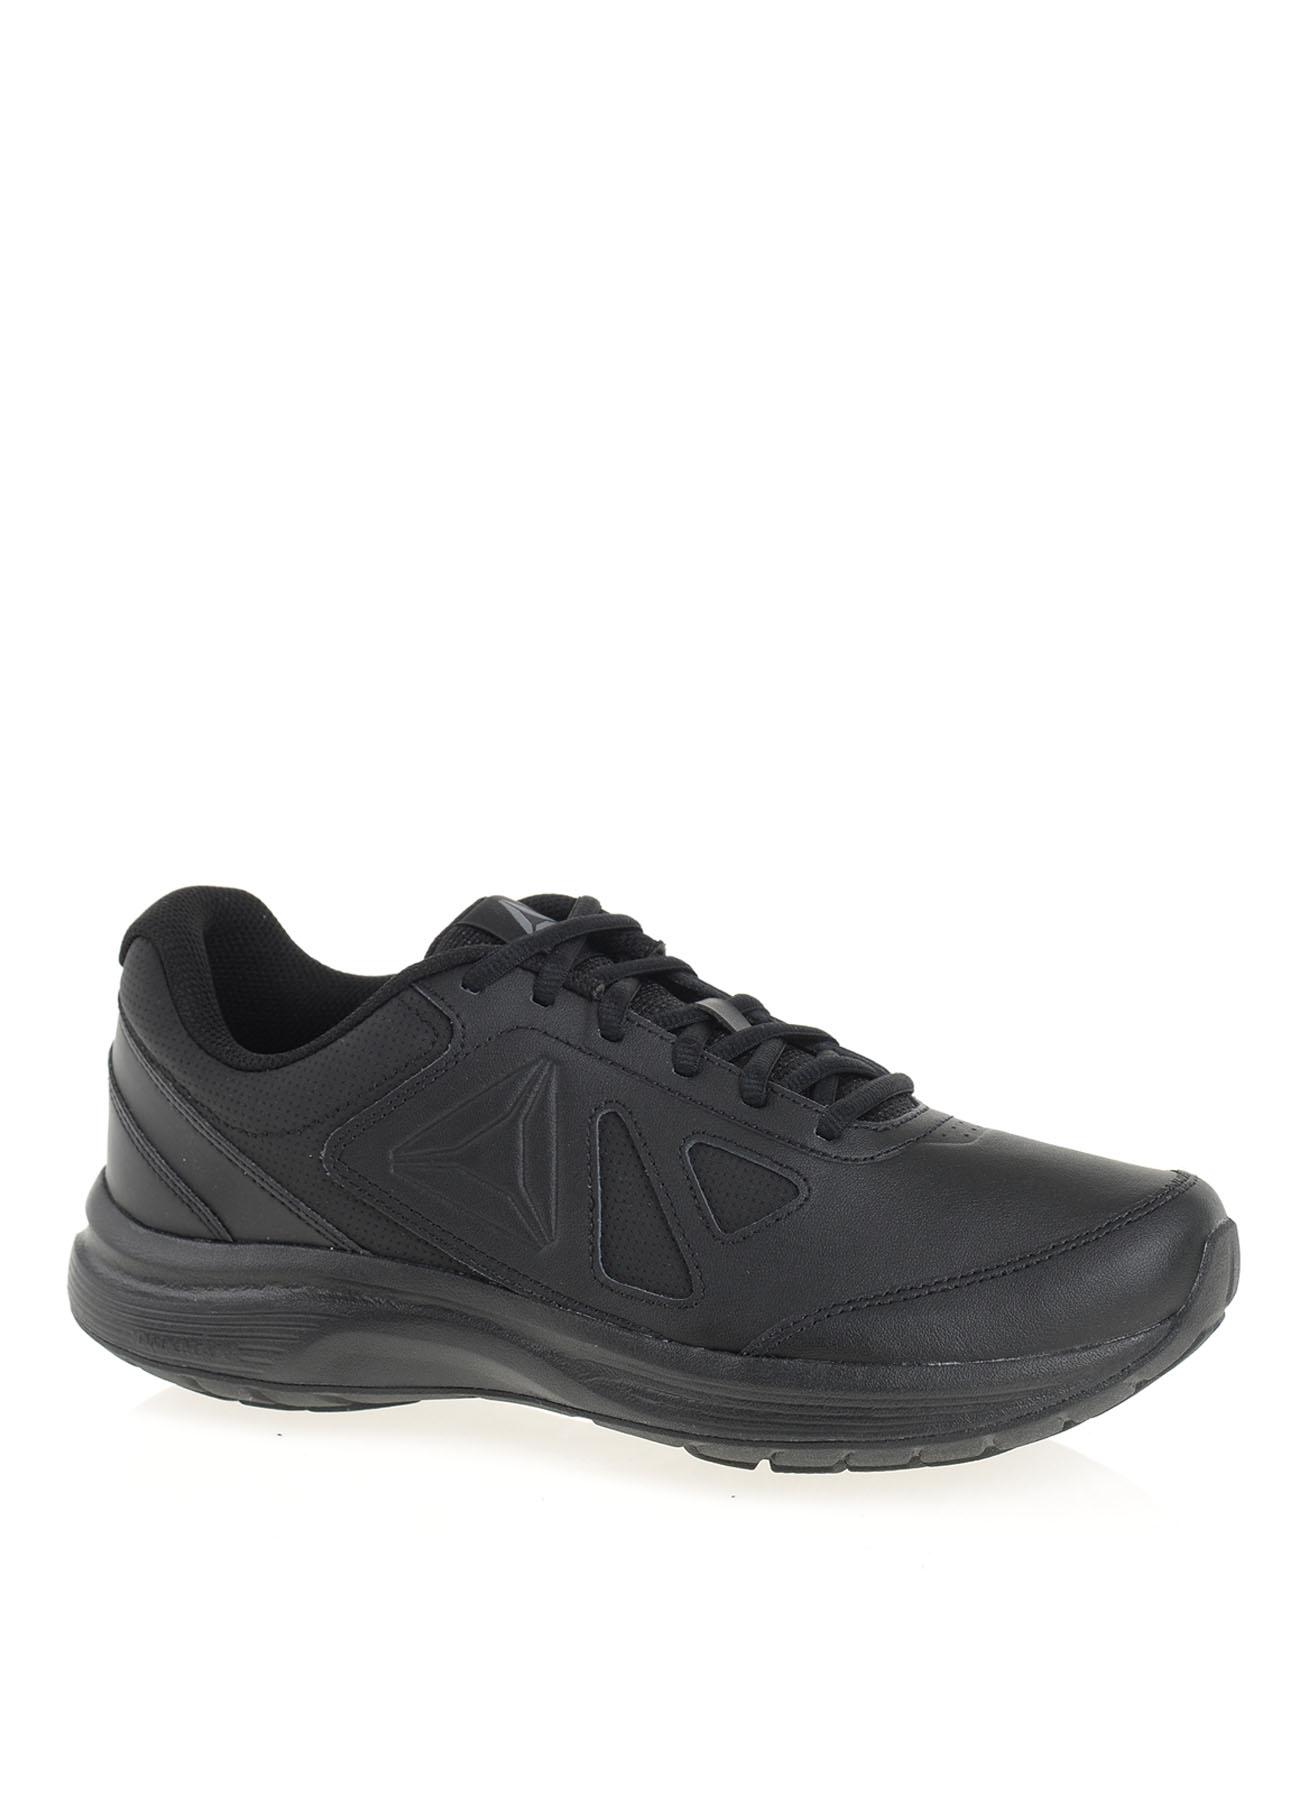 Reebok Walk Ultra 6 DMX Max Koşu Ayakkabısı 45 5001633164009 Ürün Resmi